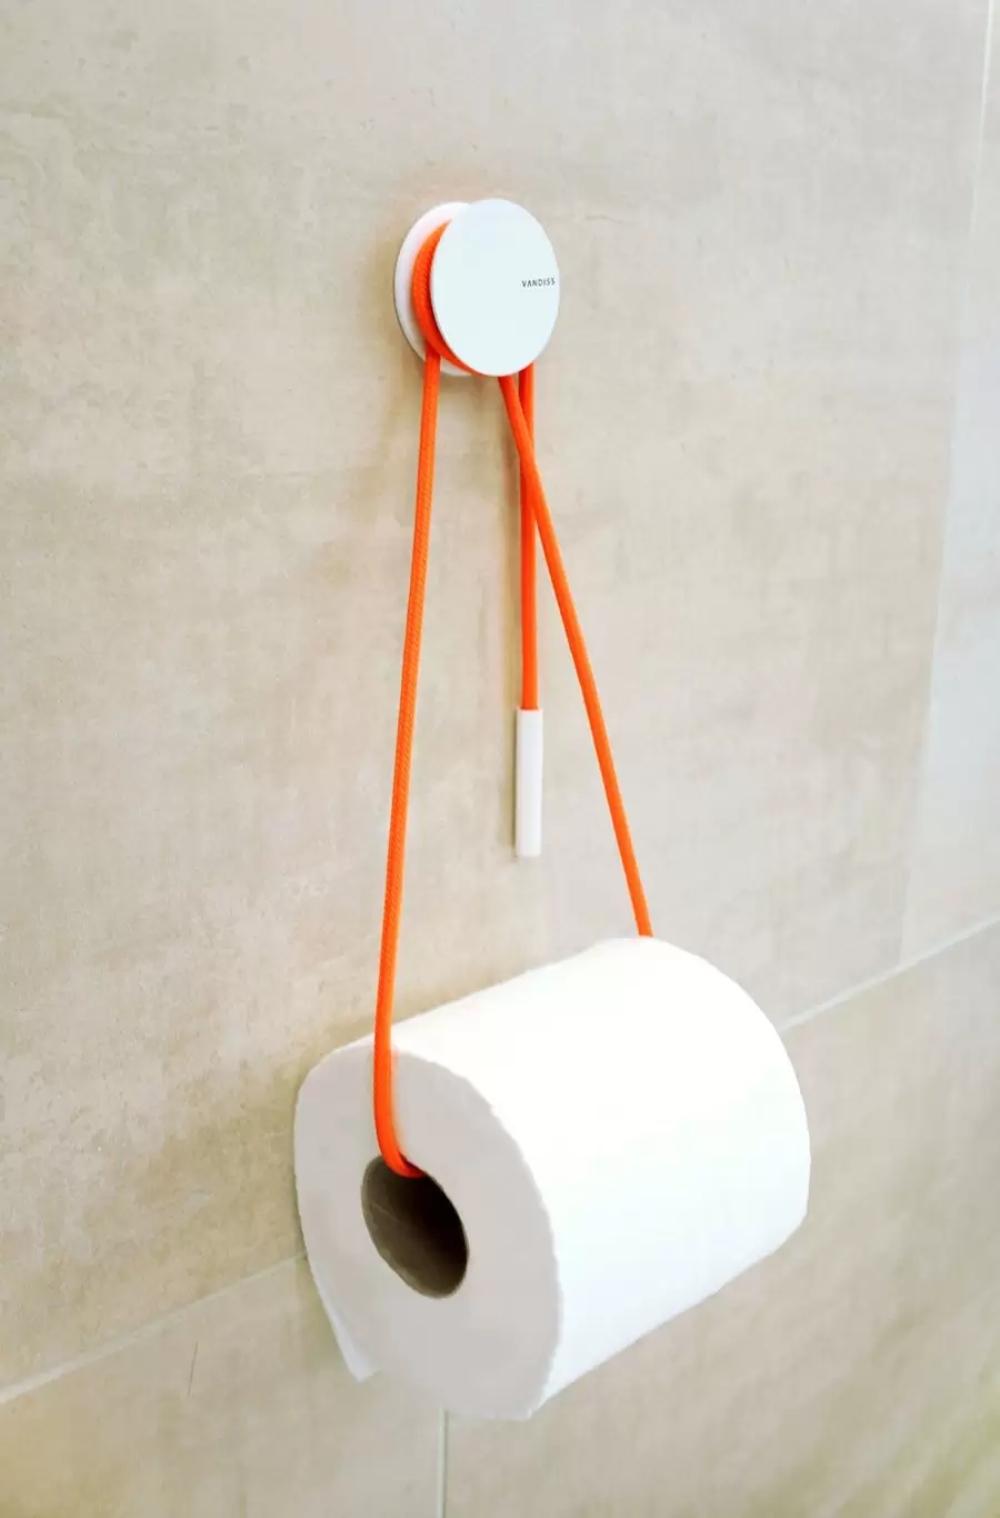 Diabolo Toilet Roll Holder Yangripol For Vandiss Gessato Gblog 5